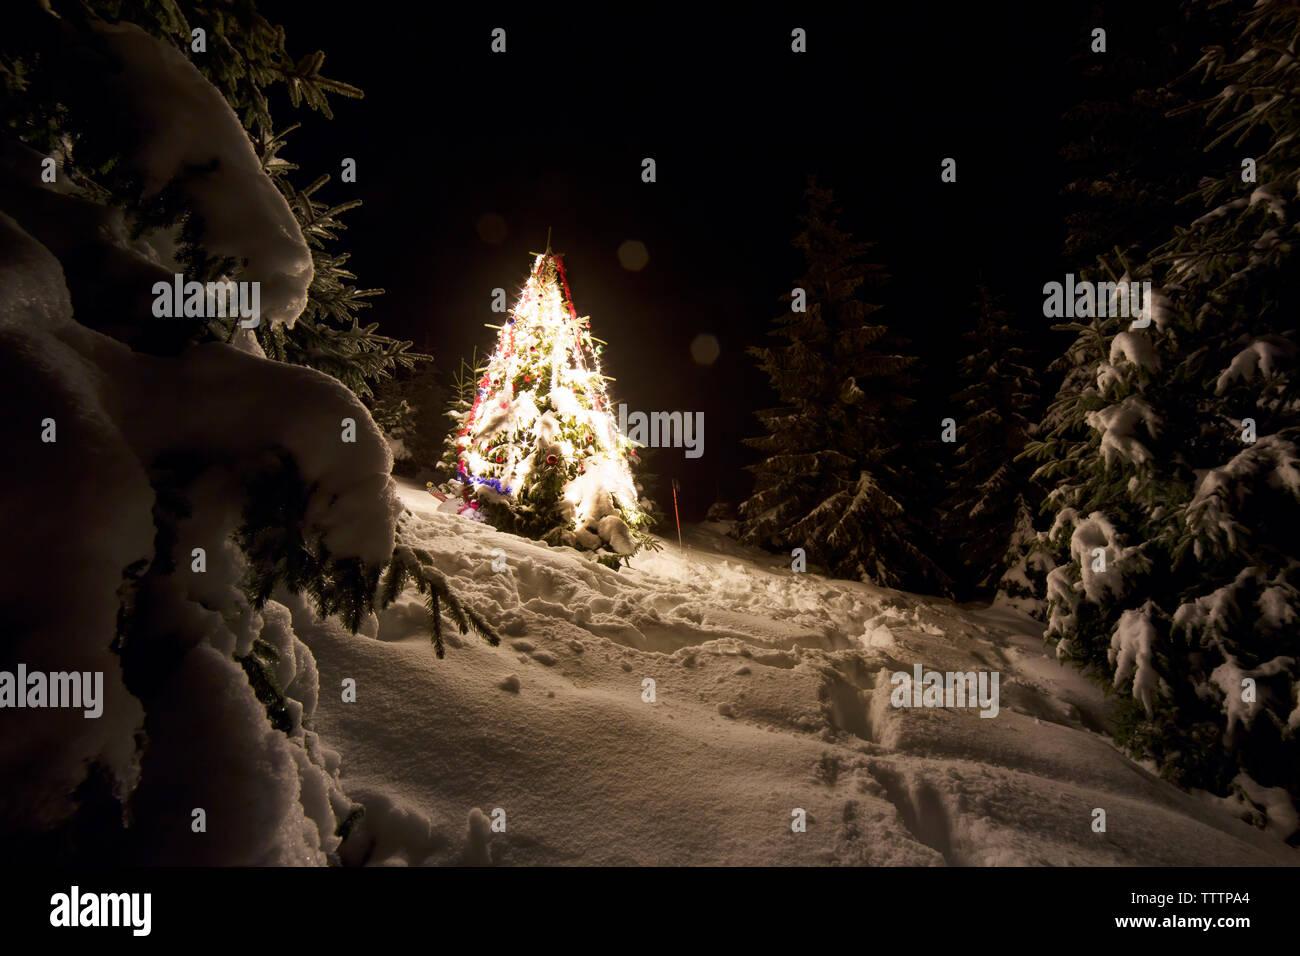 Visualizza altre idee su paesaggi, dipingere immagini, disegni di paesaggi. Illuminato Albero Di Natale Sul Paesaggio Innevato Di Notte Foto Stock Alamy